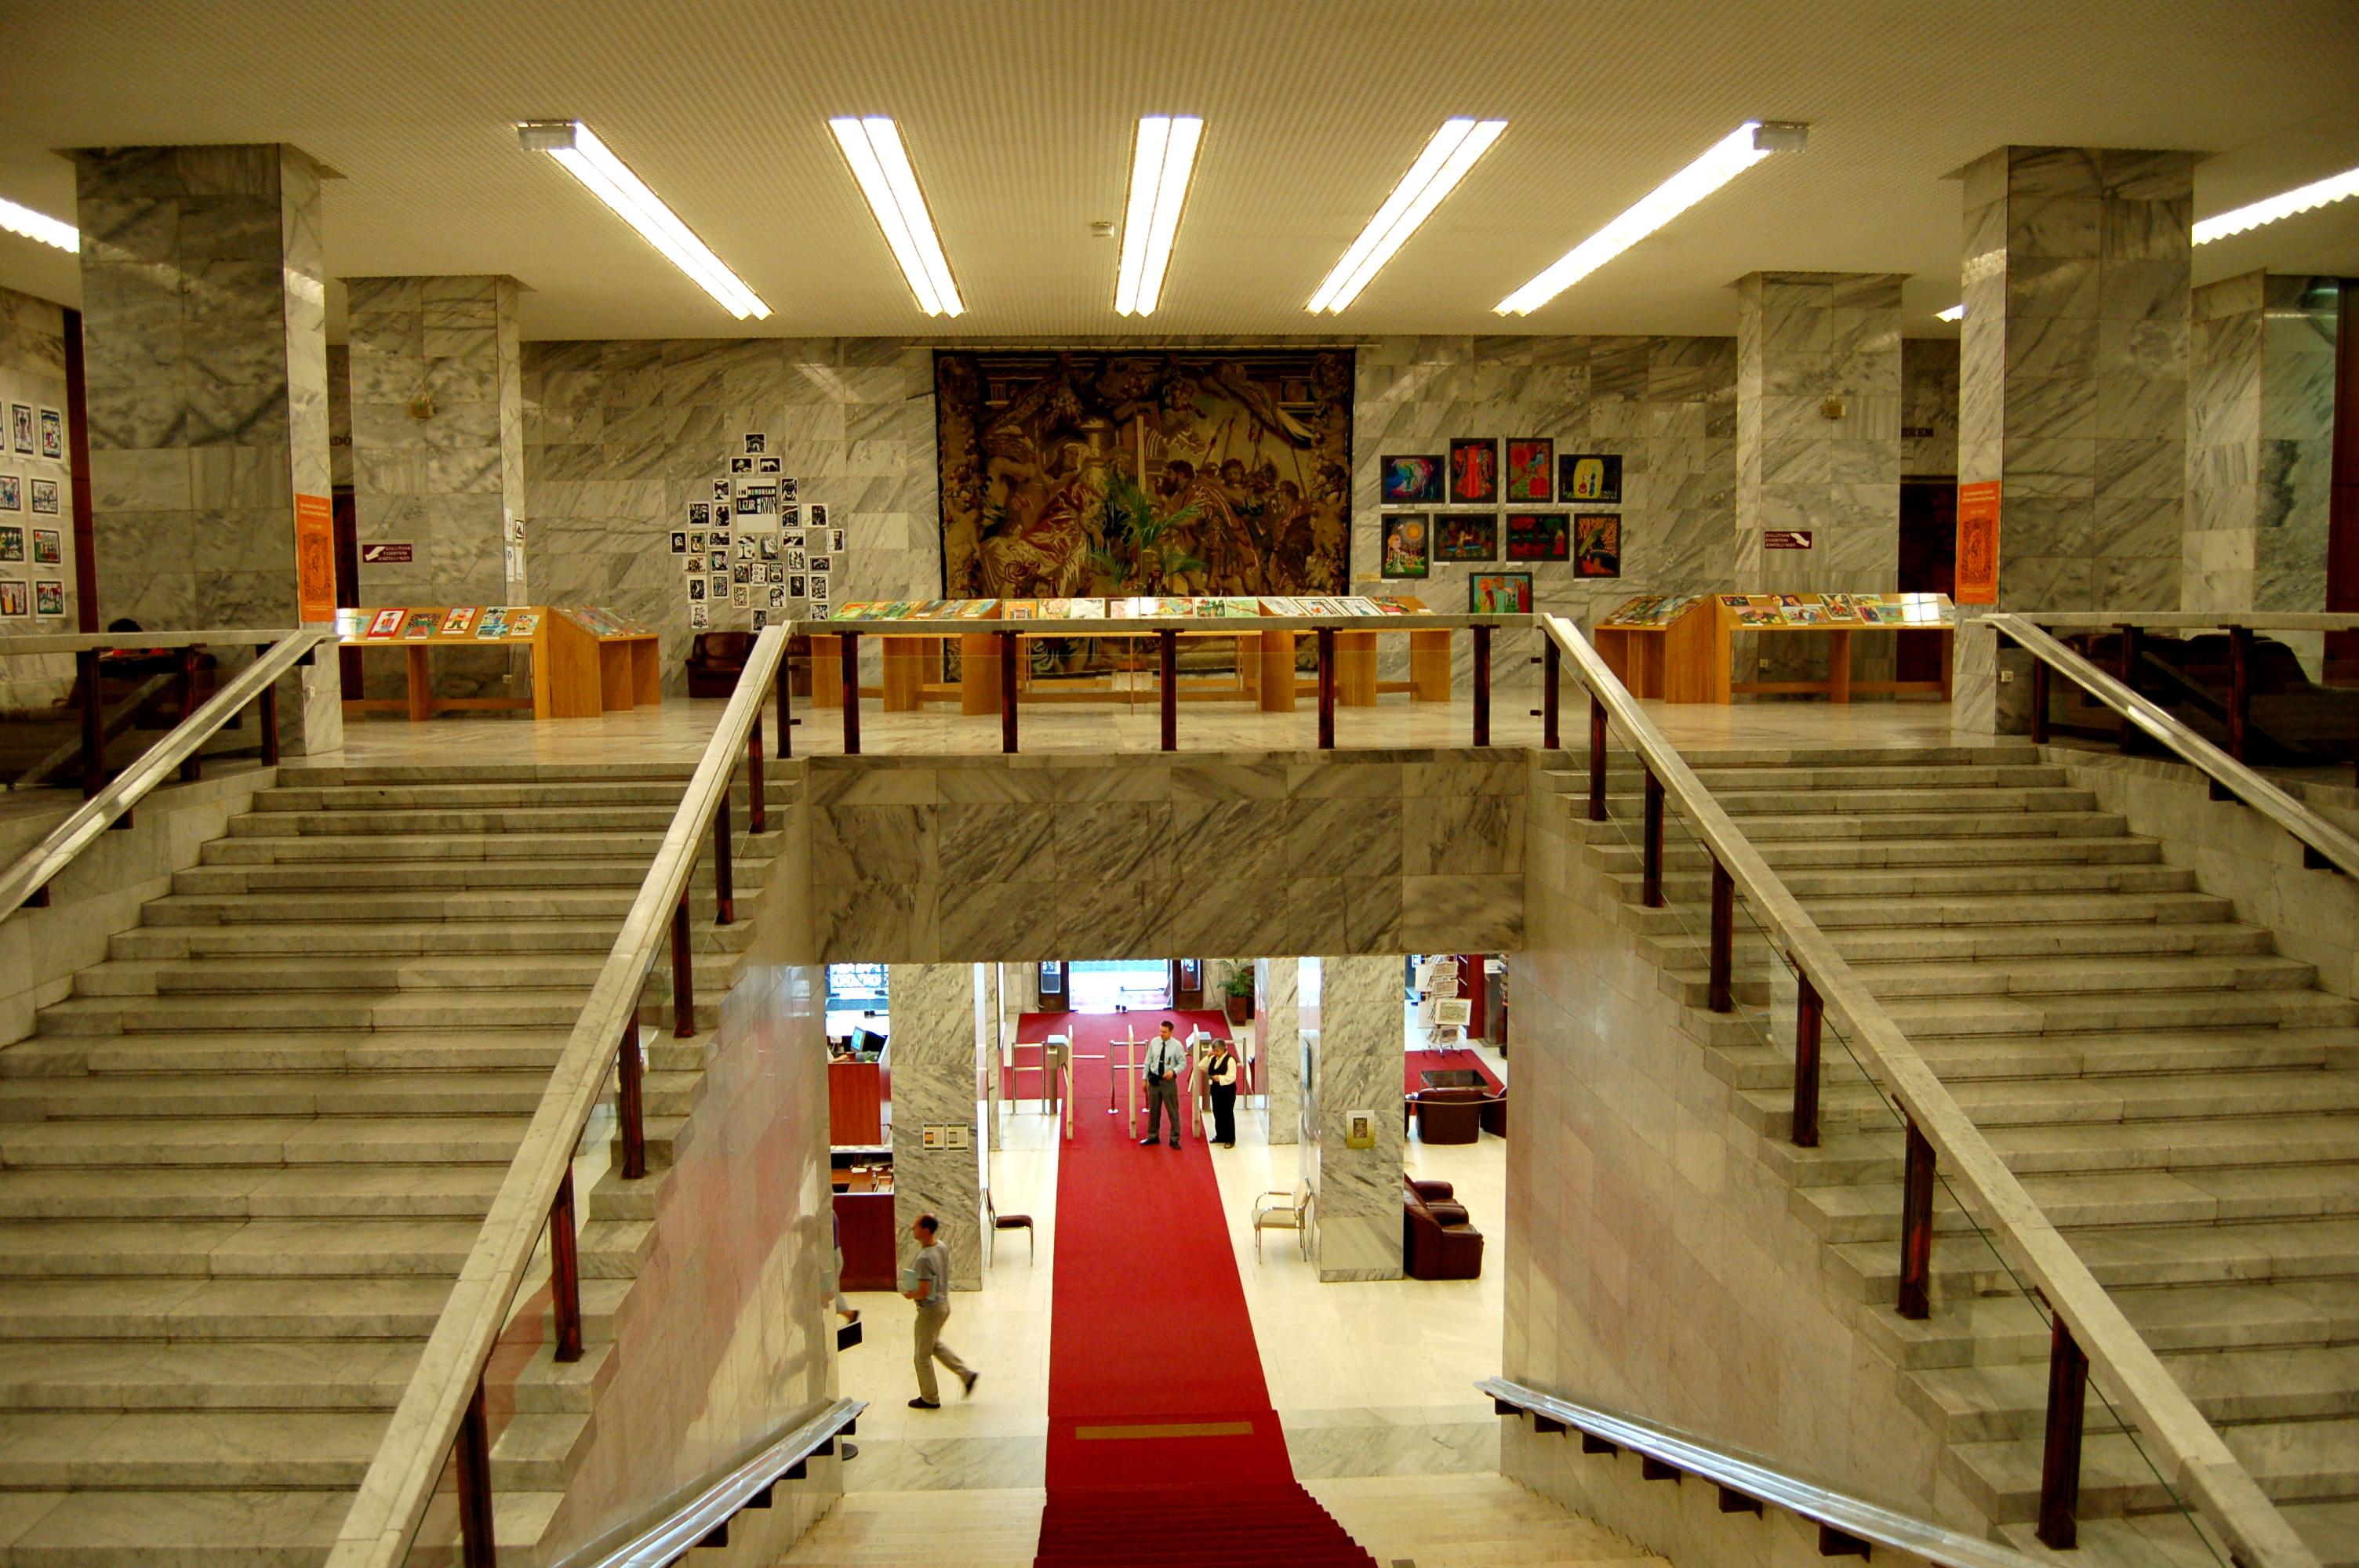 Az ötödik és a hatodik szintet összekötő főlépcsősor, amely a háború utáni helyreállítás során az egyedüliként maradt meg az épület eredeti belső elrendezéséből